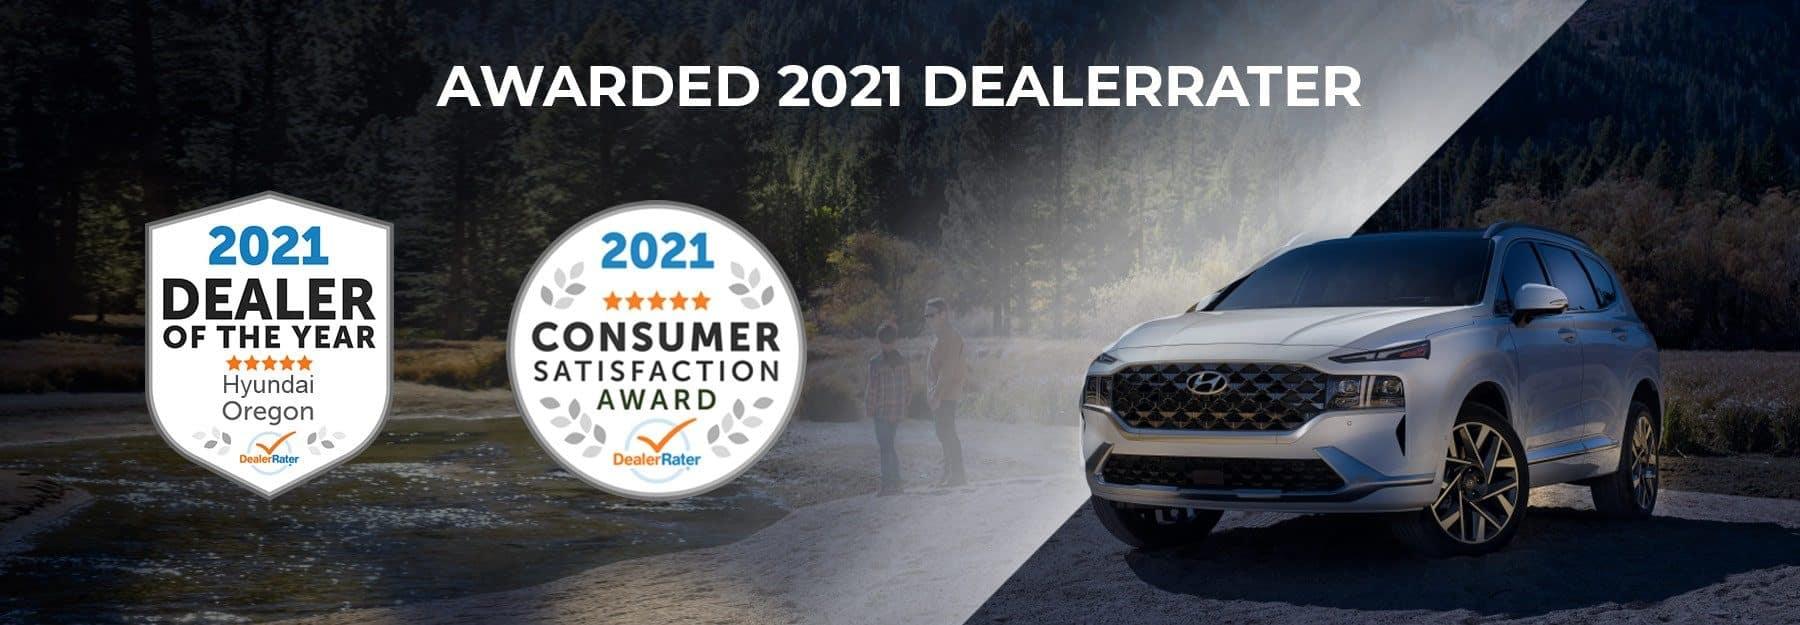 Tonkin-Gladstone-Hyundai-Dealerrater-award-2021-min